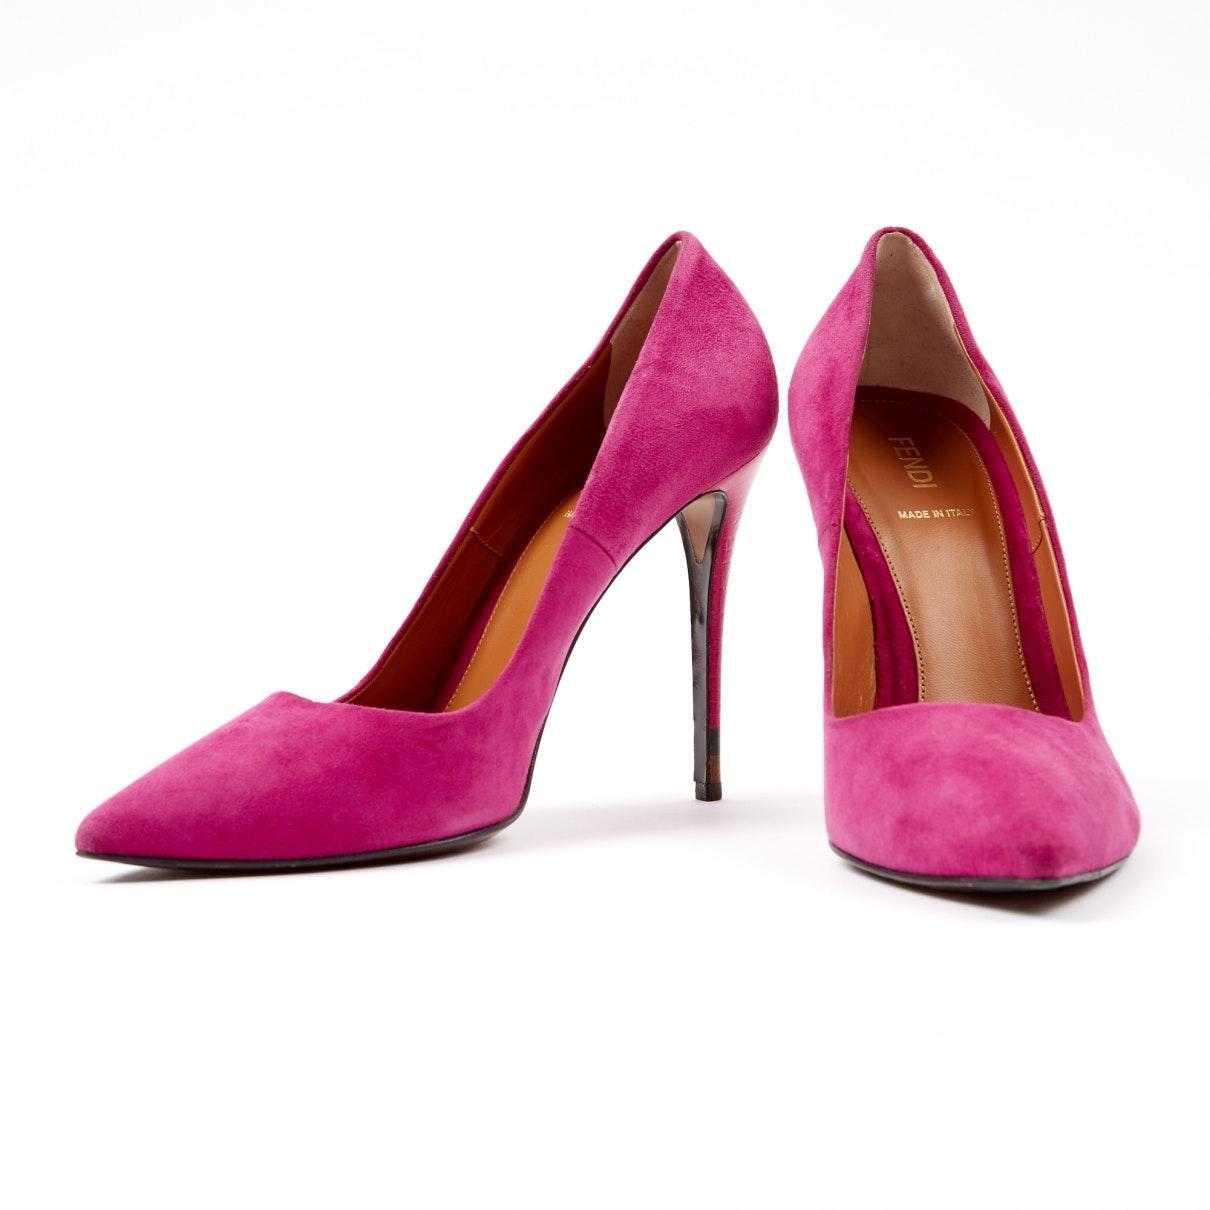 Tacones en ante rosa N Fendi de Ante de color Rosa